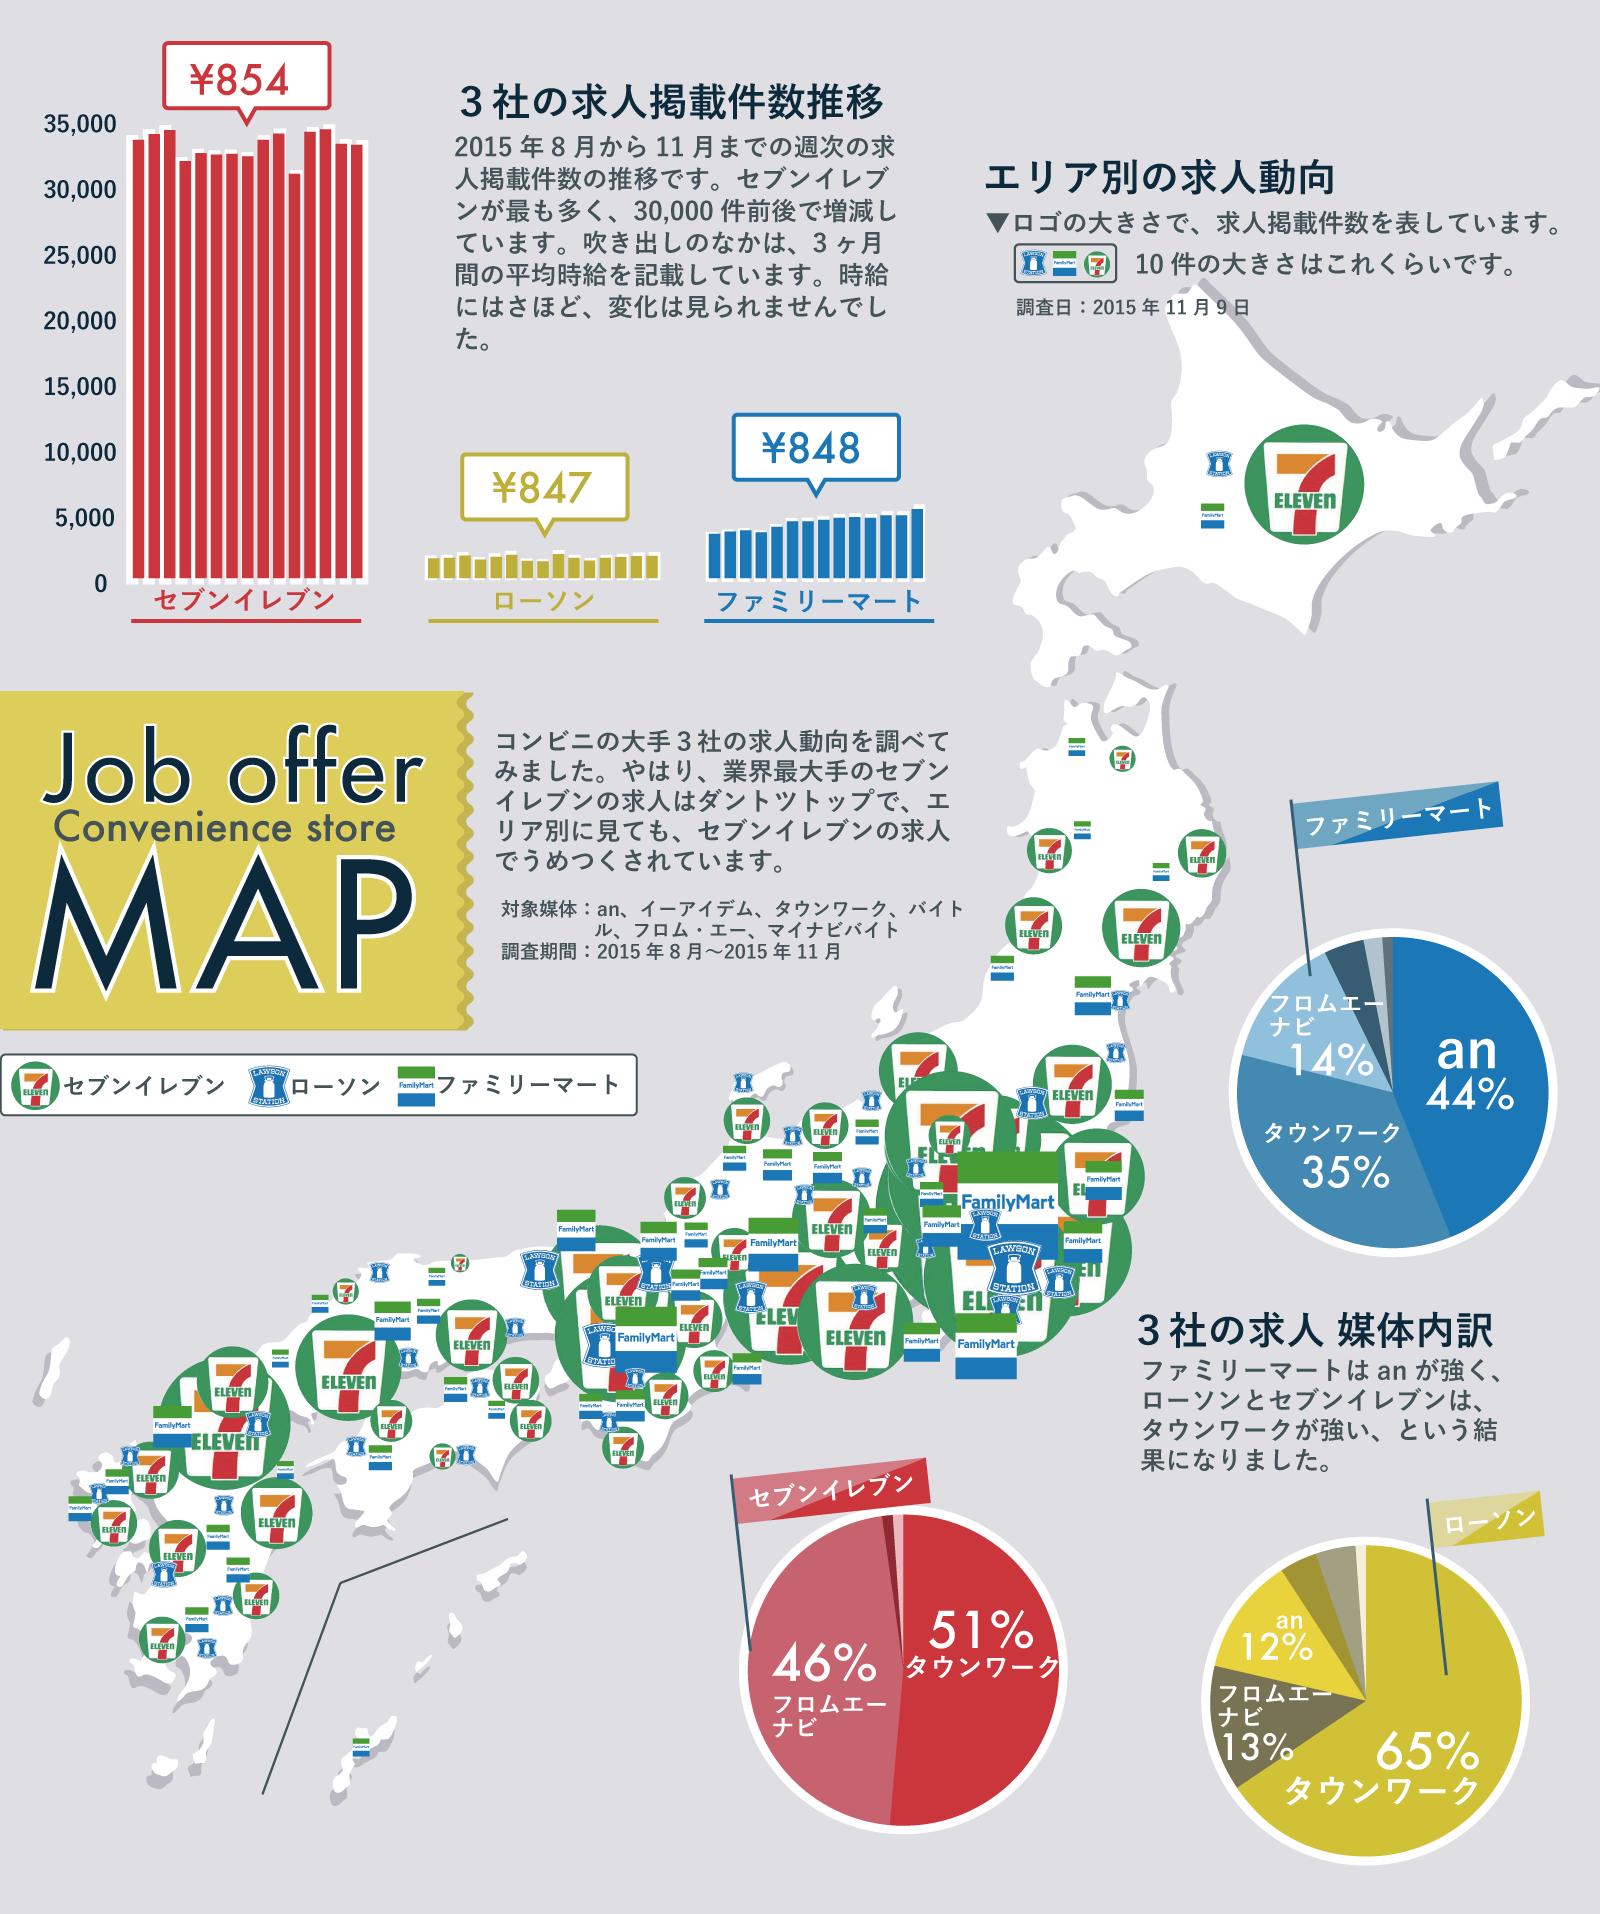 インフォグラフィックで見るセブンイレブン・ファミリーマート・ローソンの求人マップ【後編】